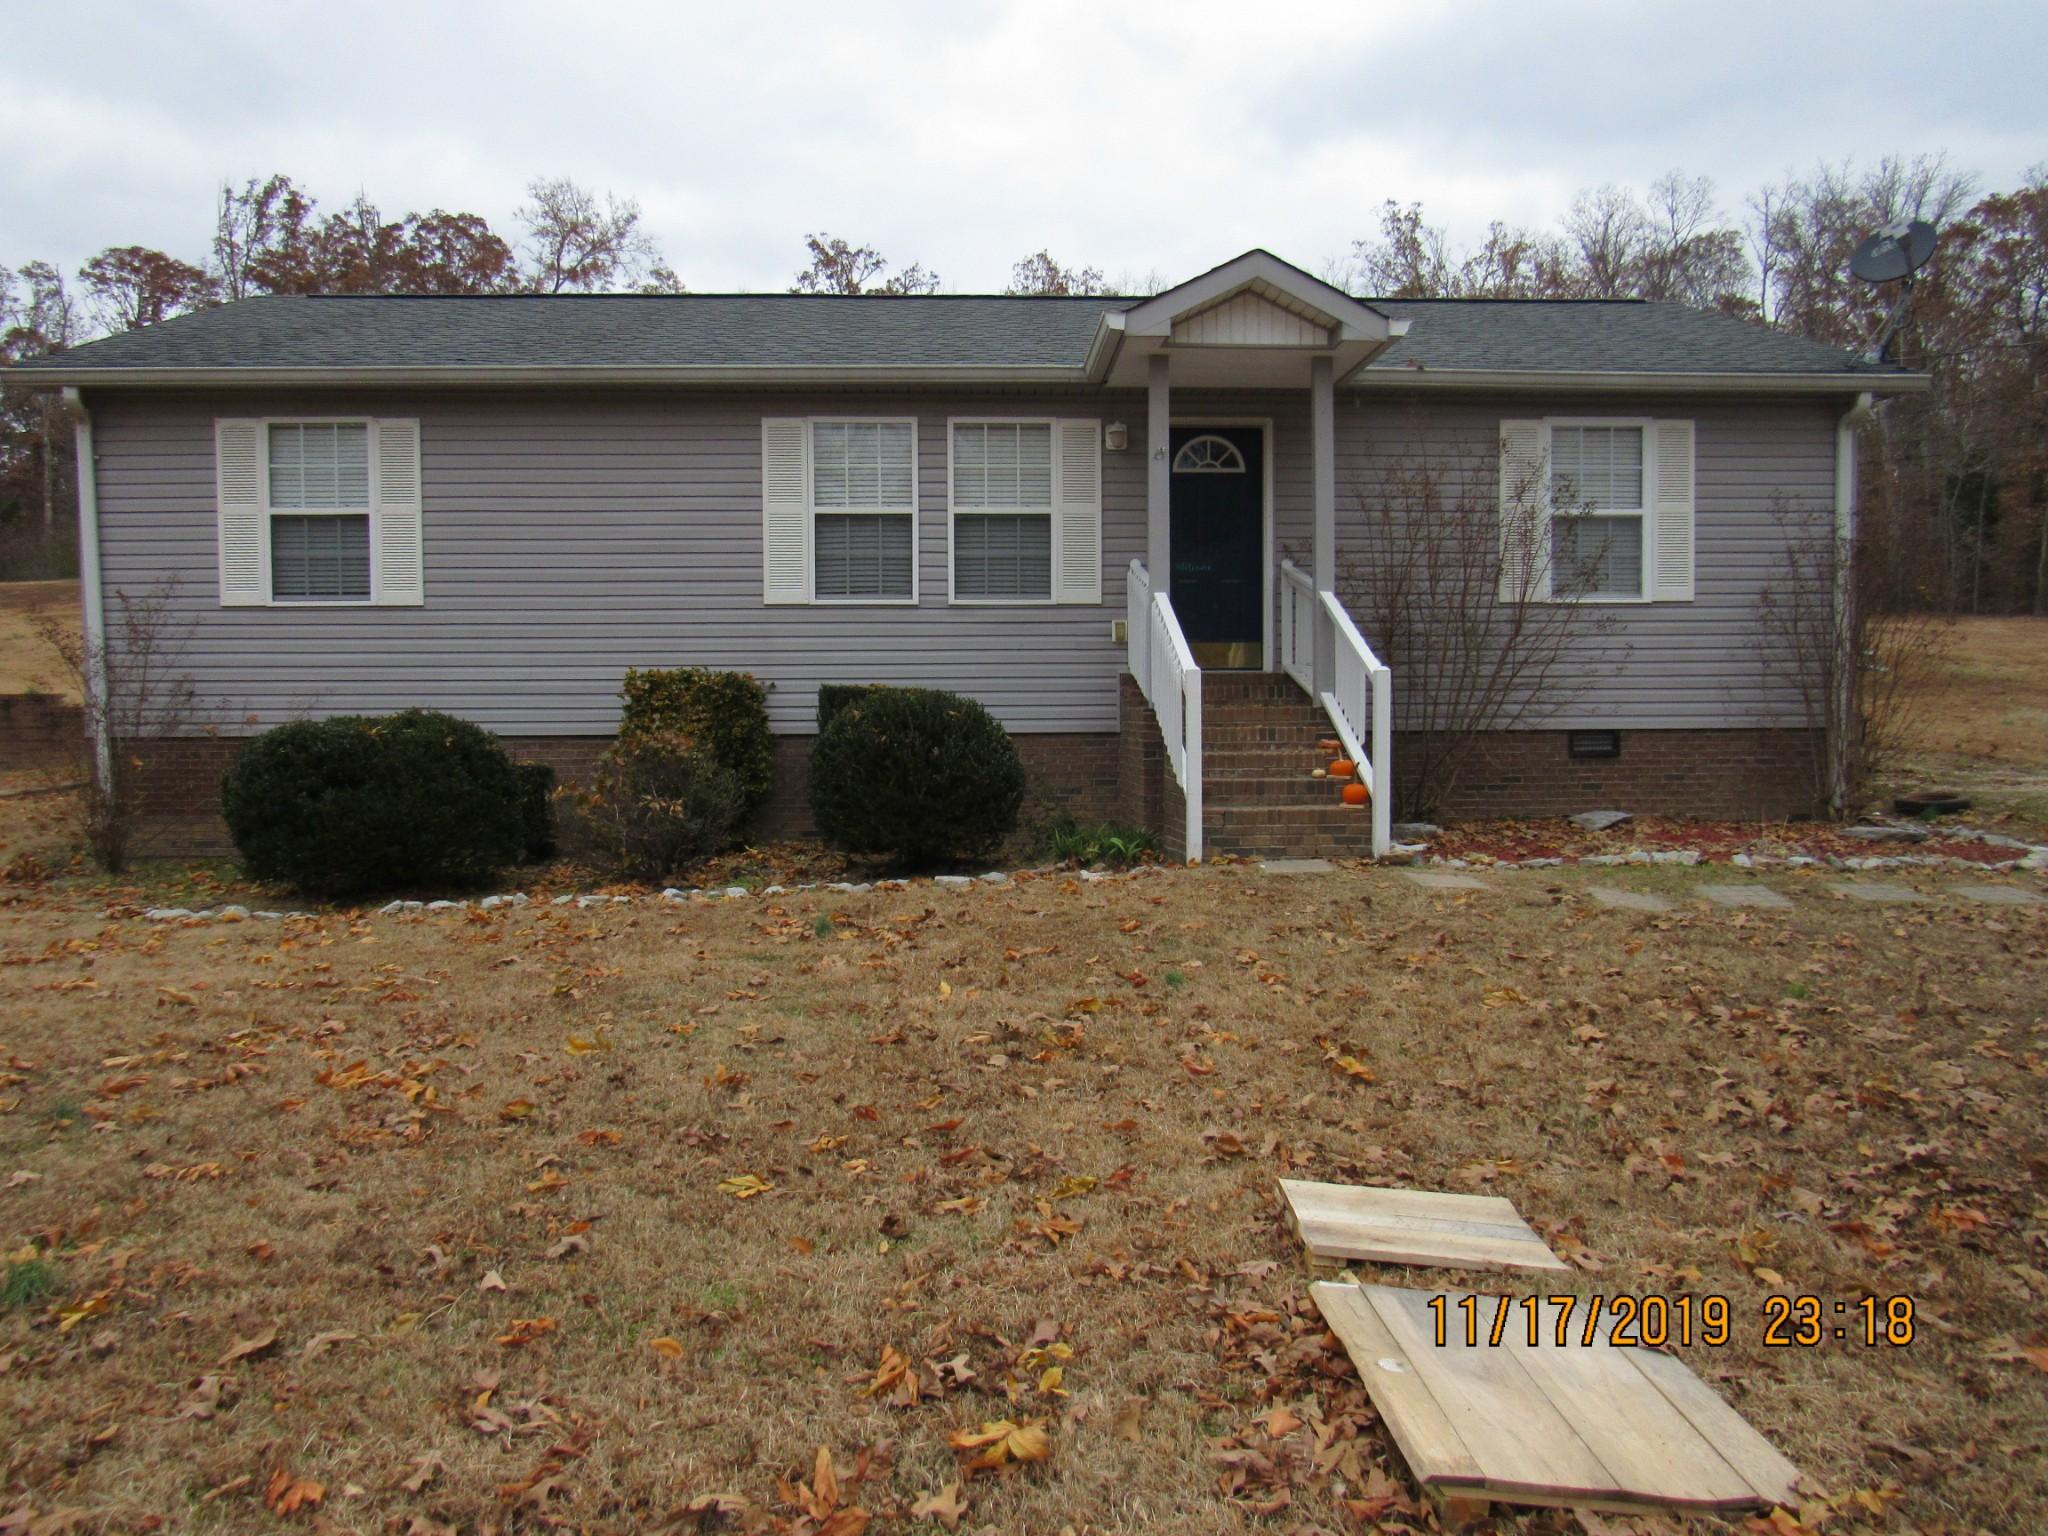 741 Arrowhead Dr, New Johnsonville, TN 37134 - New Johnsonville, TN real estate listing